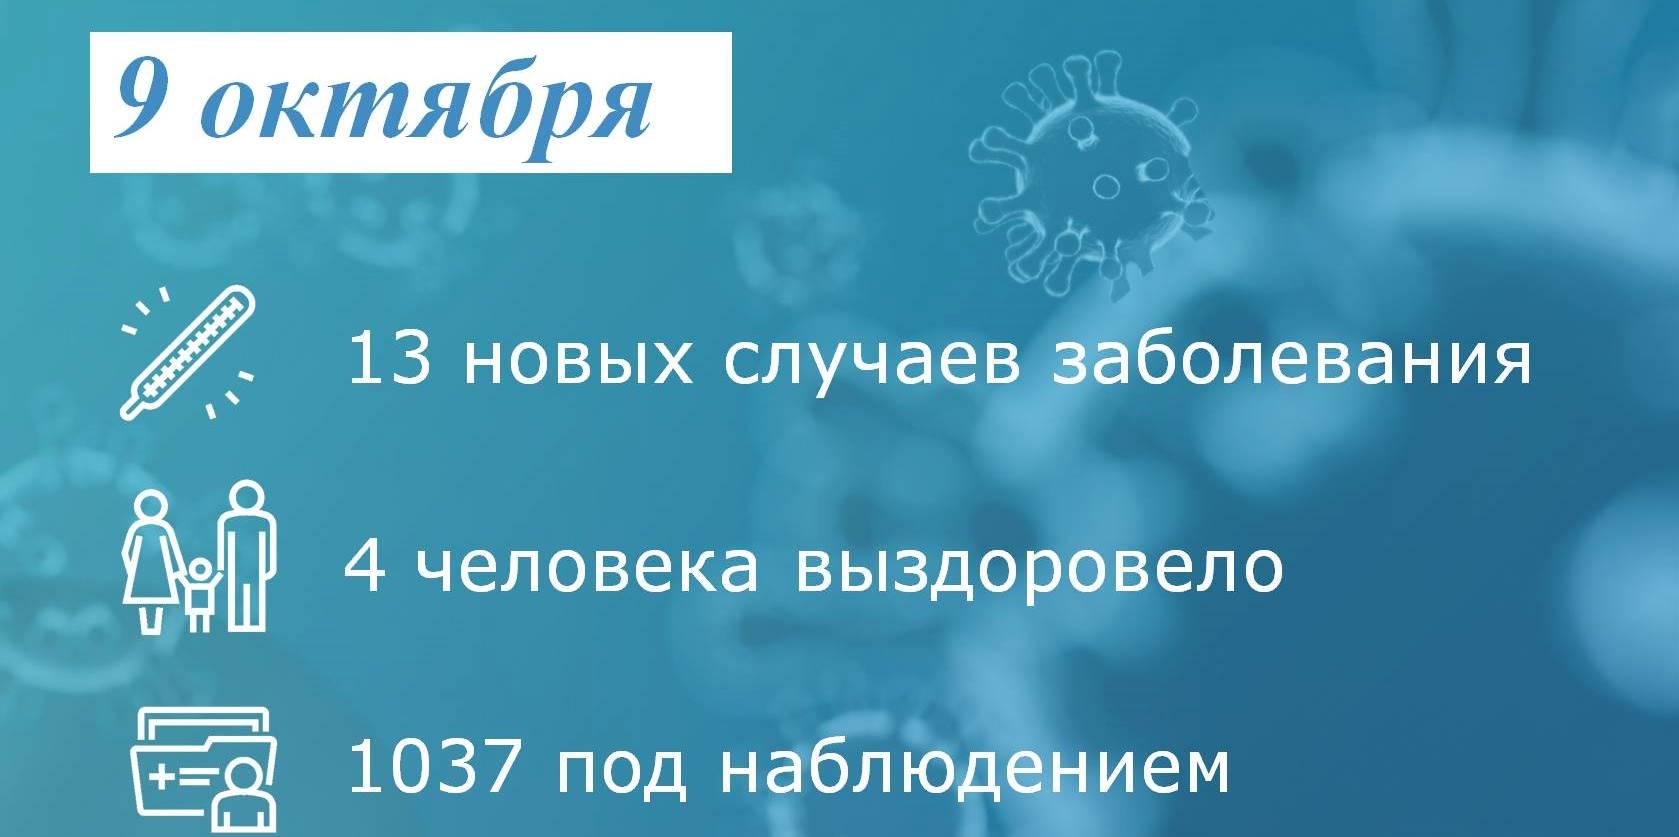 Коронавирус: в Таганроге заболели 13 человек